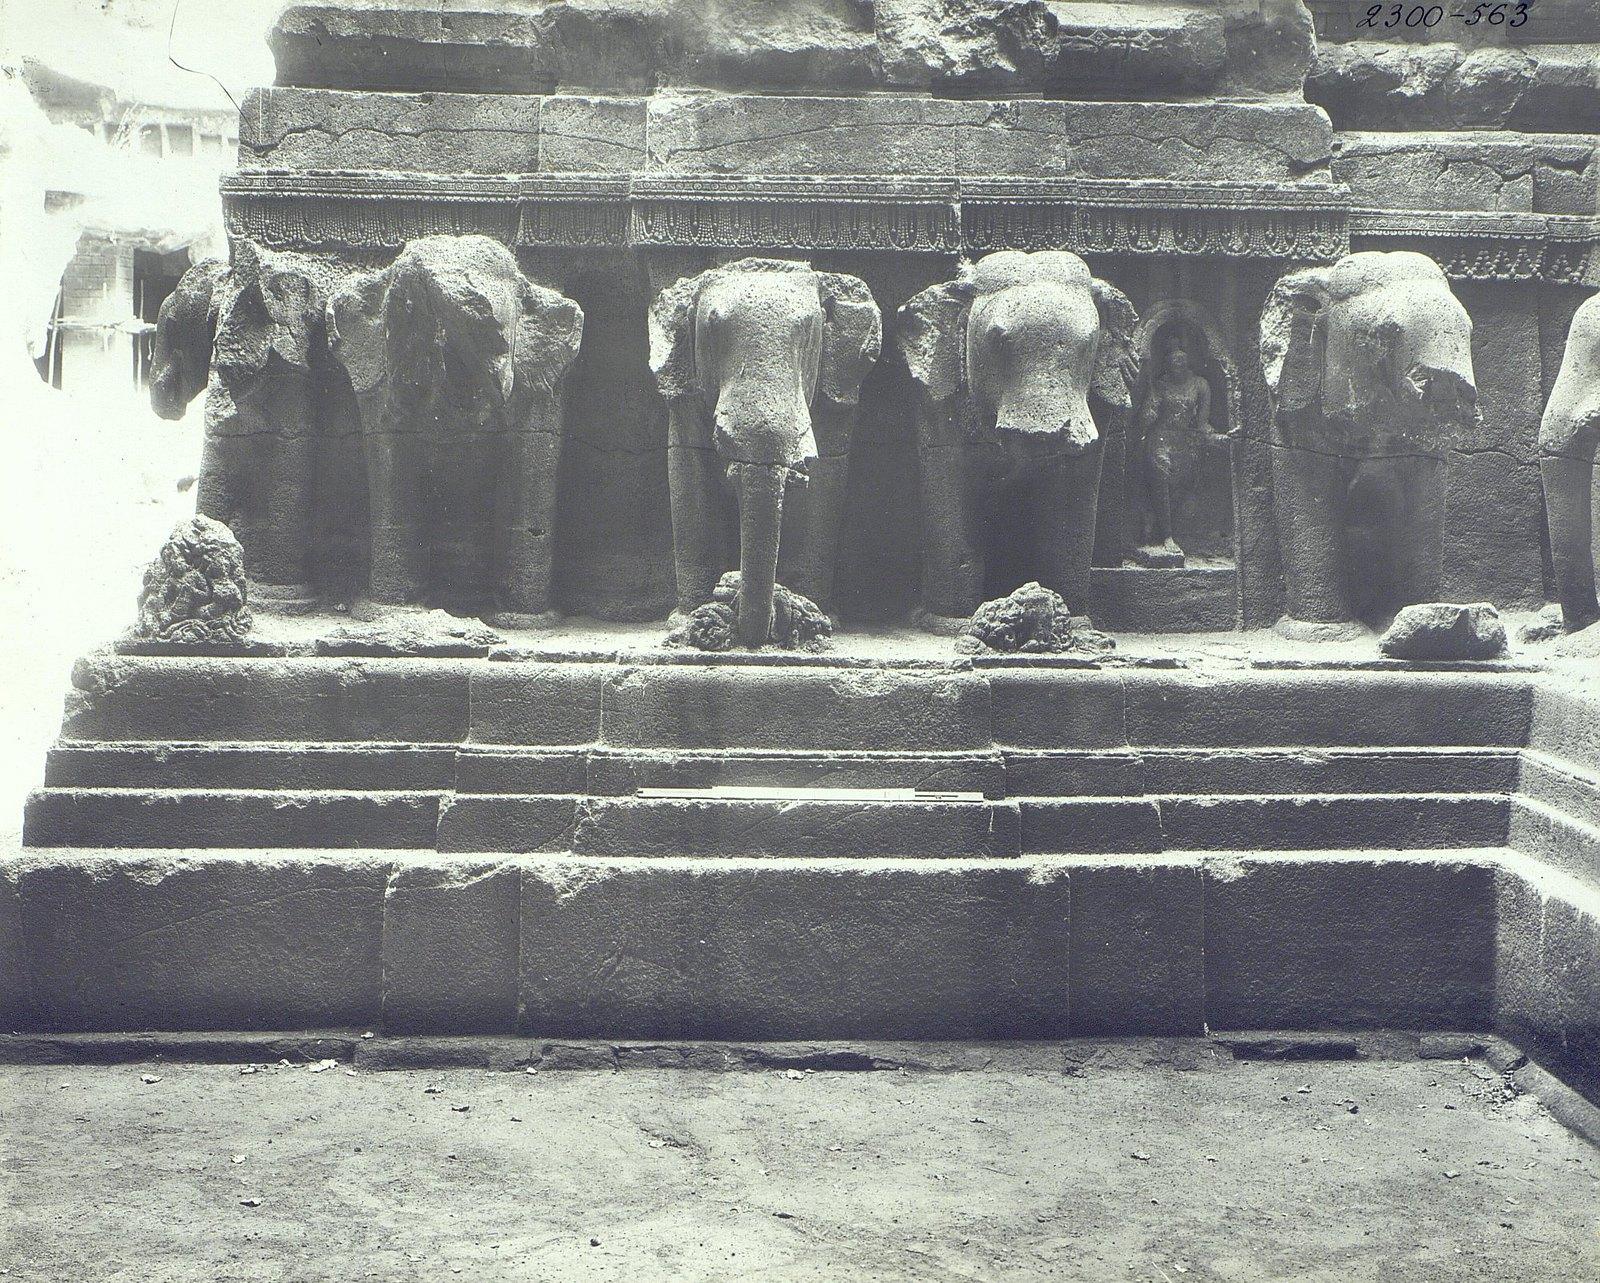 Храм Кайласа в Эллоре (деталь рельефа со слонами) (3)